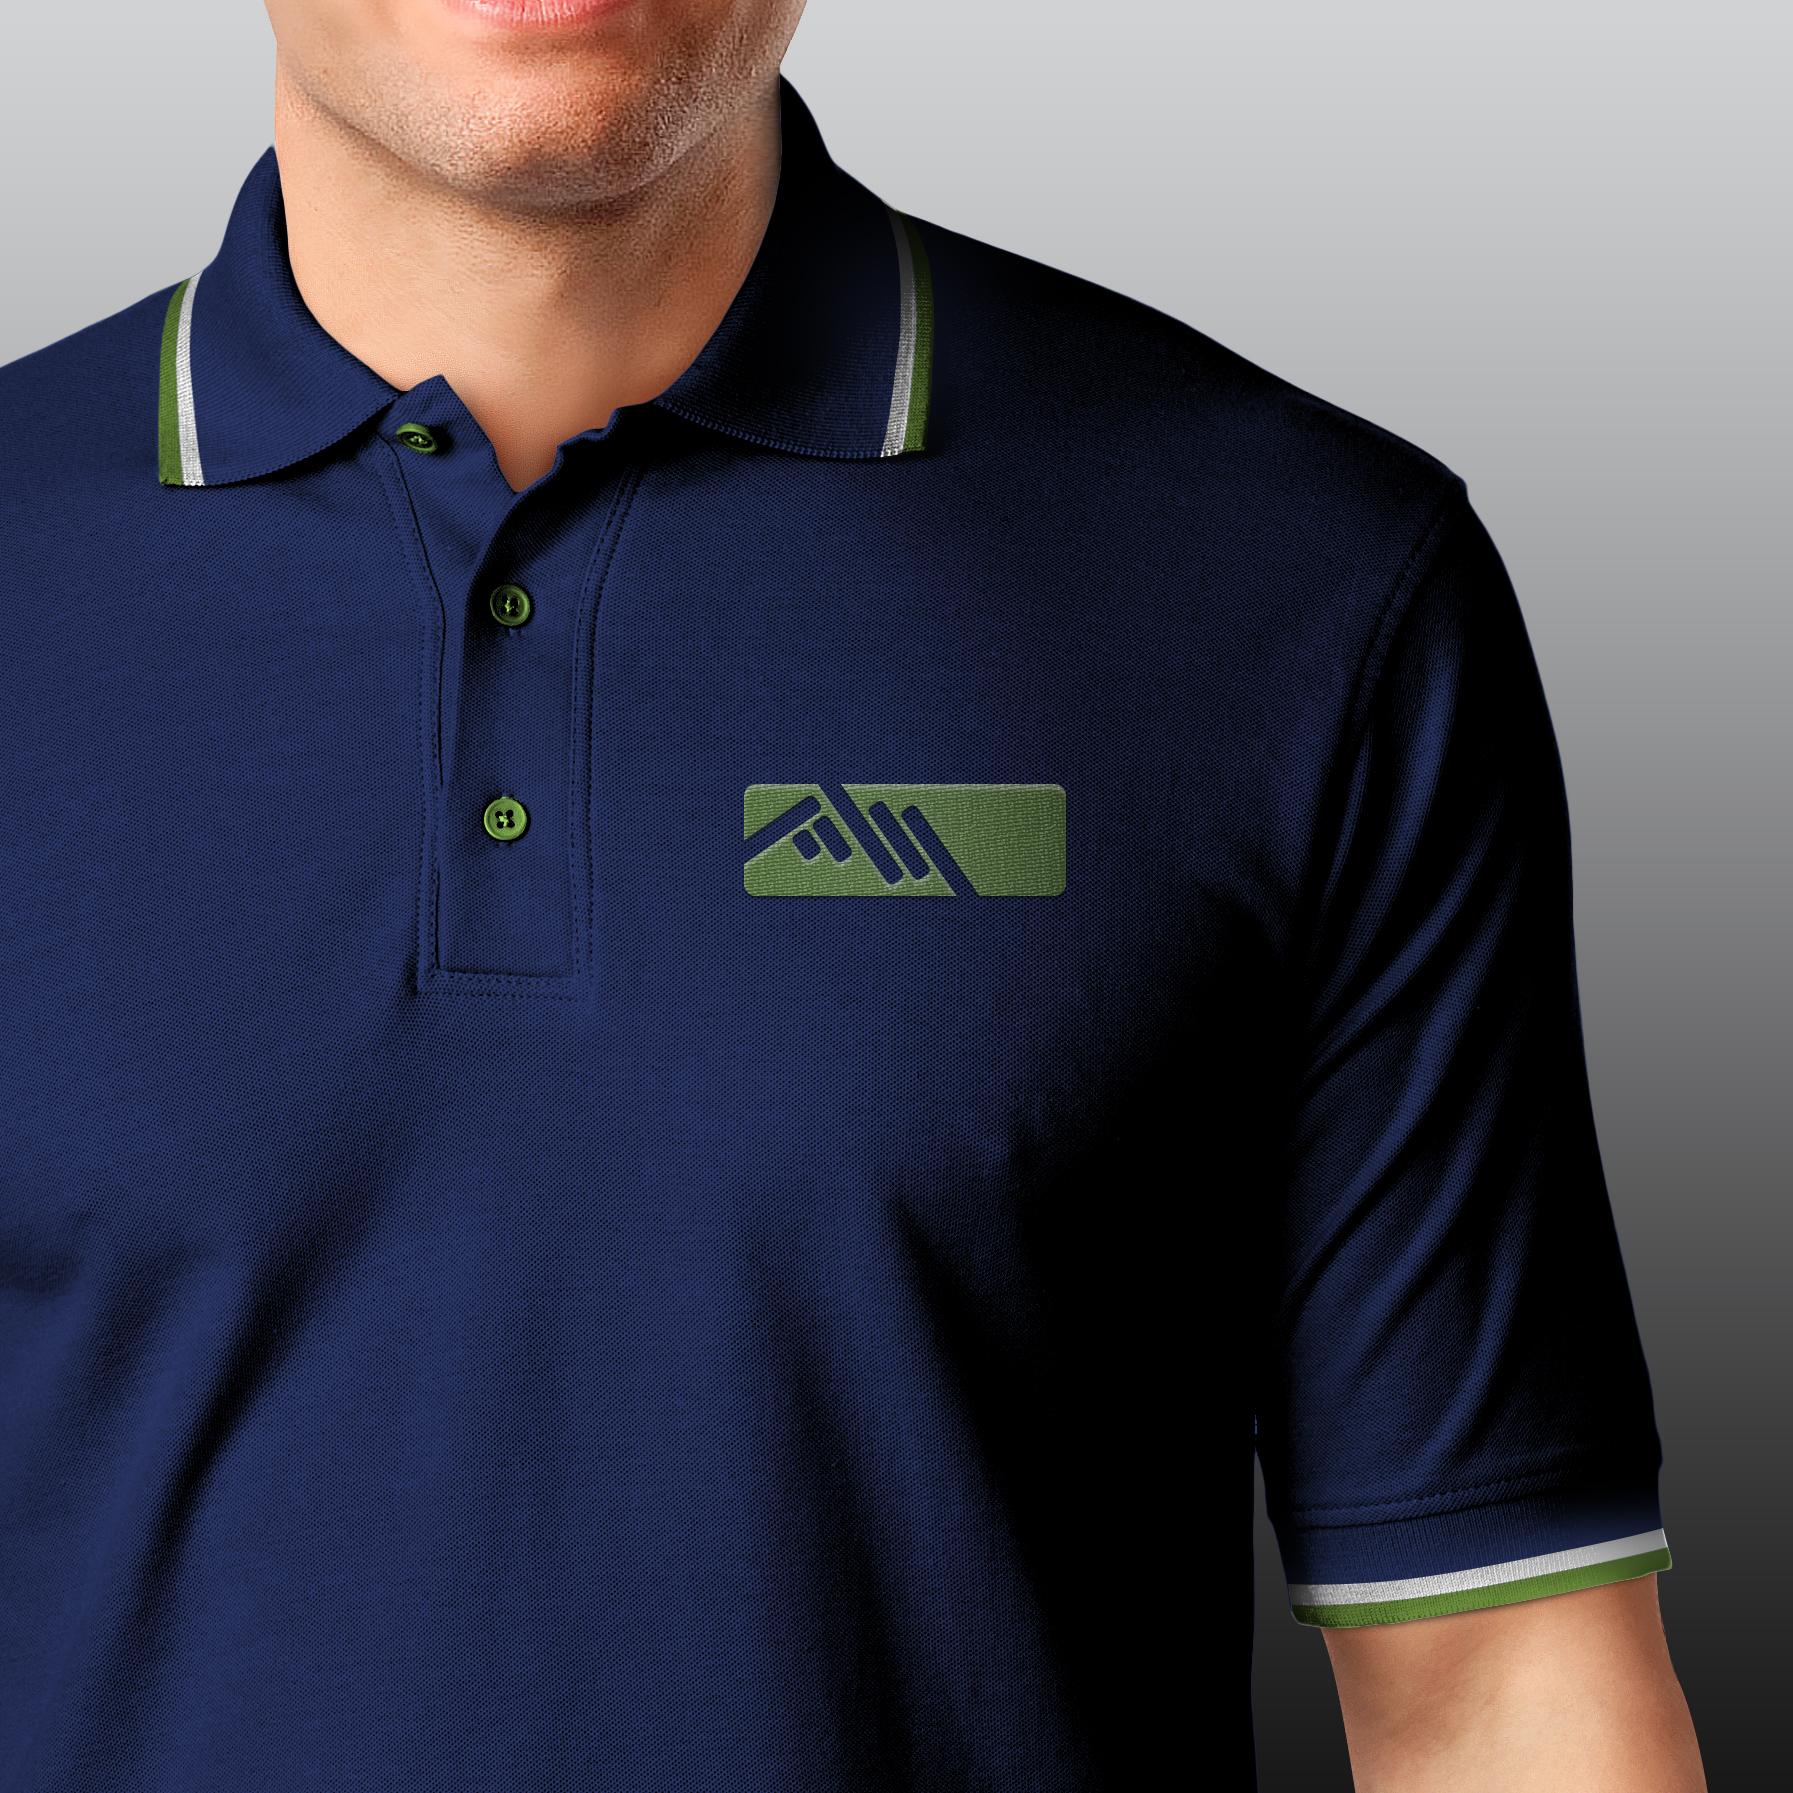 F&M_Shirt.jpg